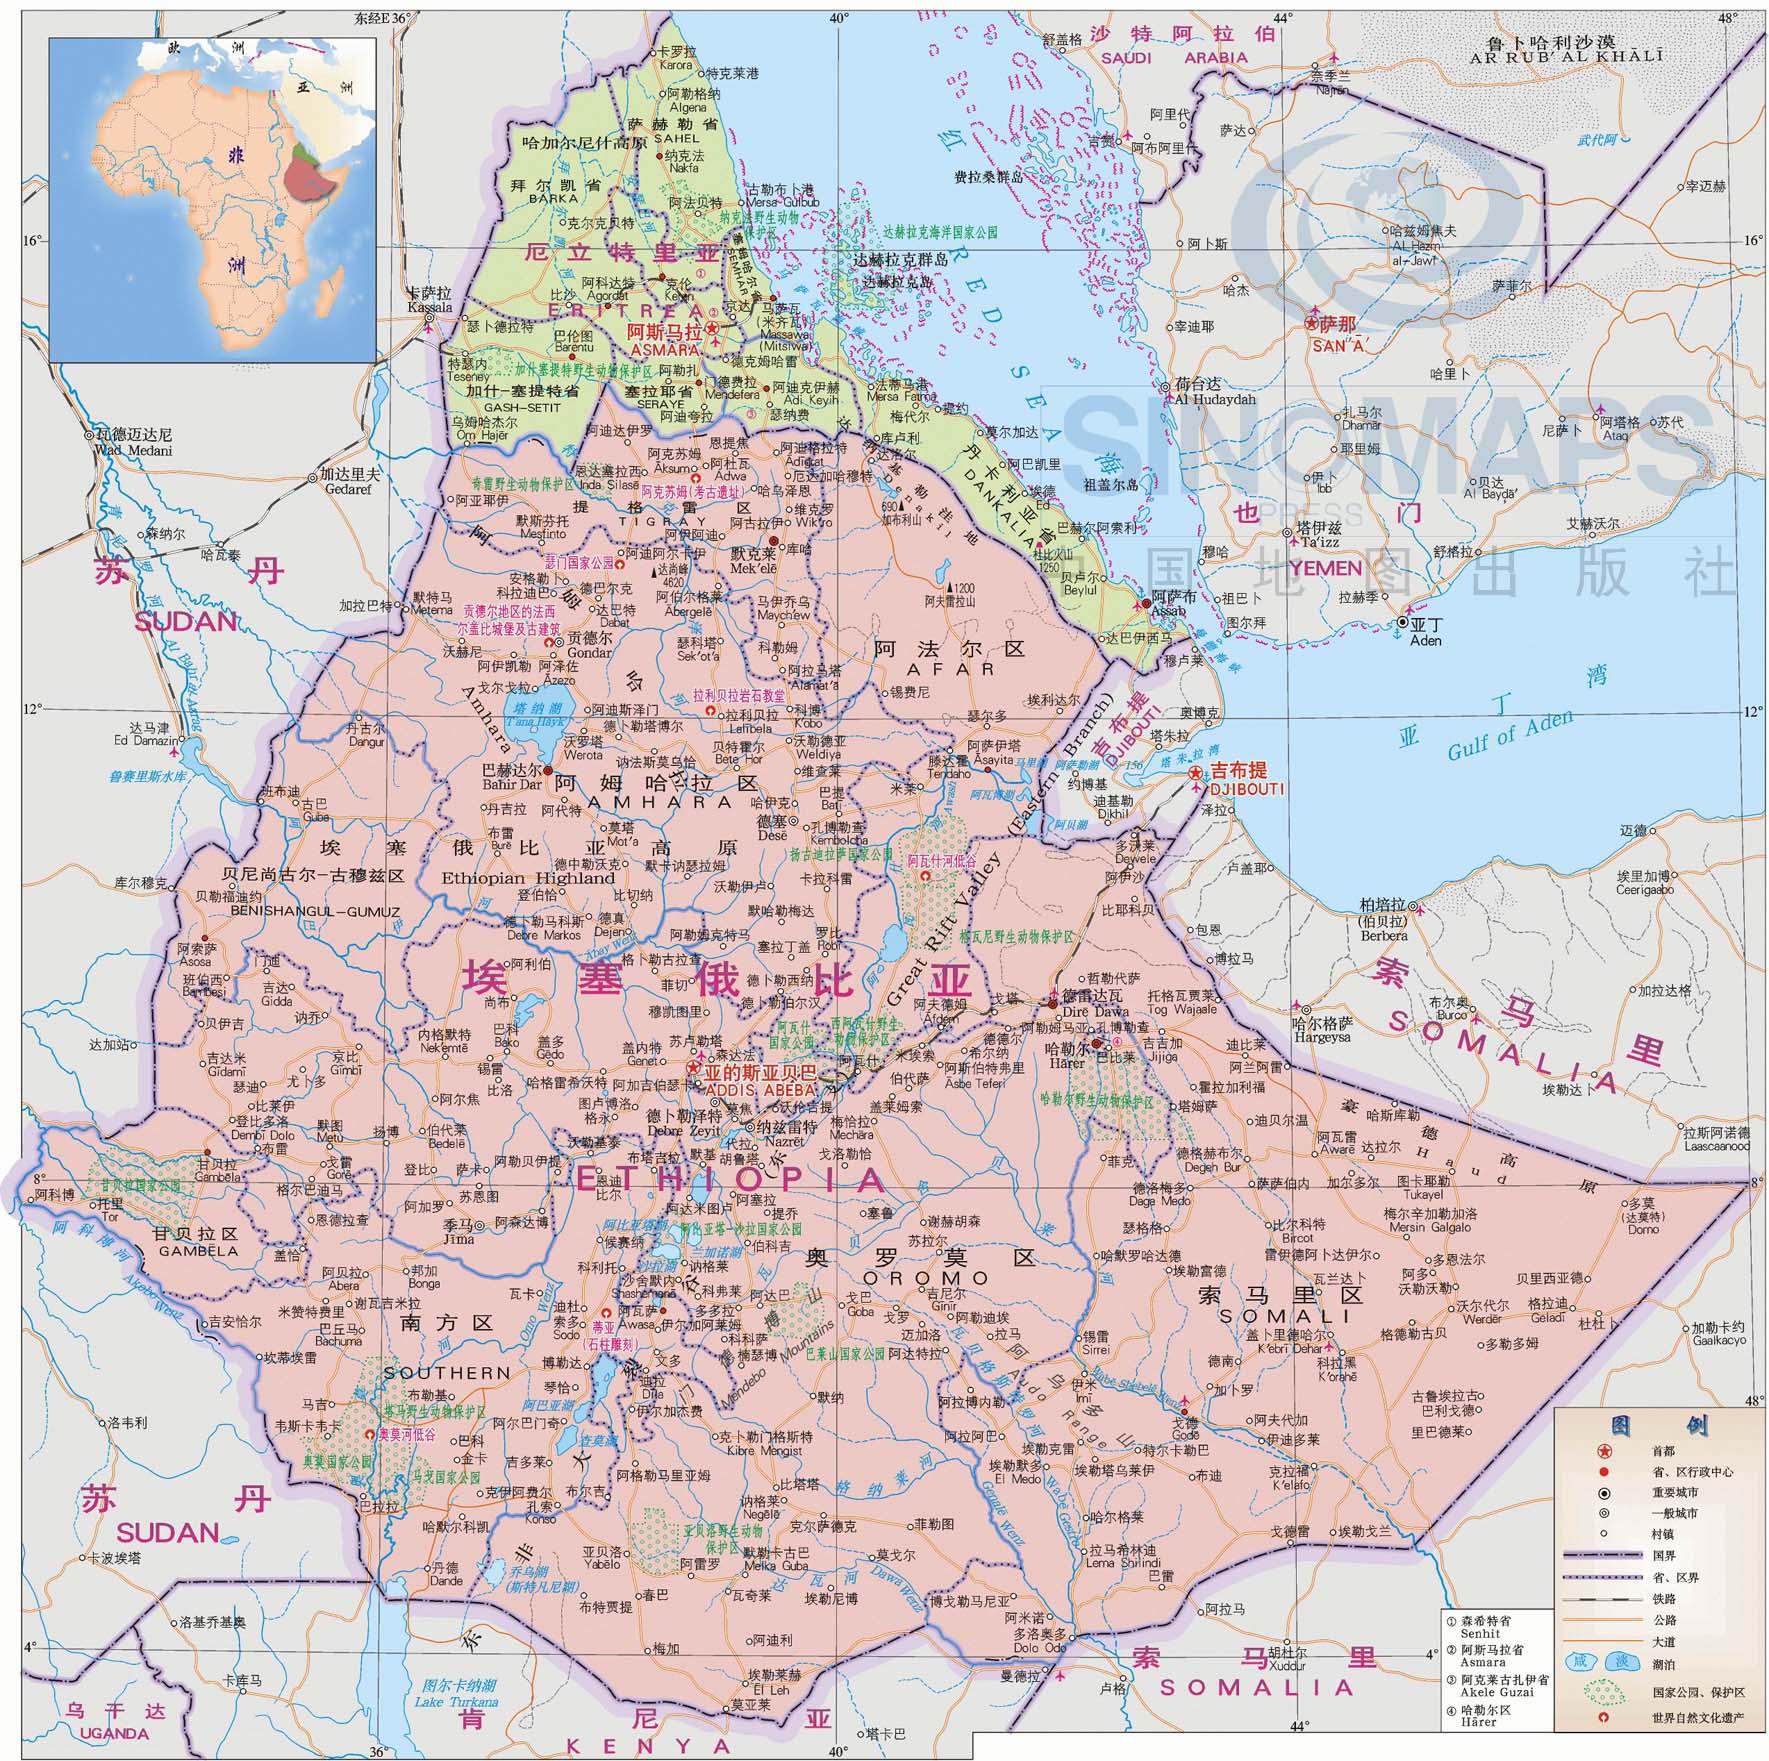 德国 地图 中文 版 全 图